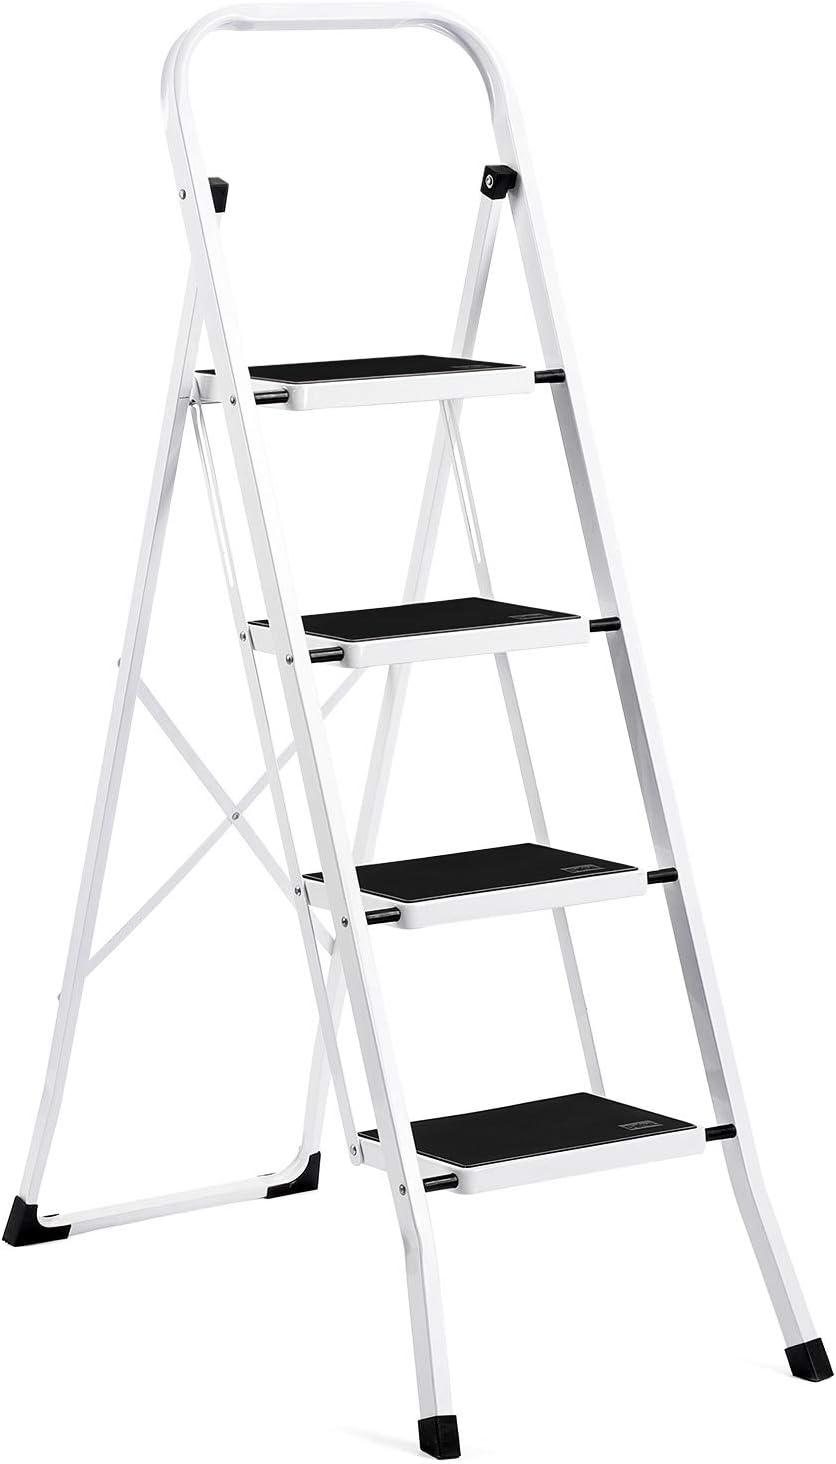 Acko Delxo Escalera Plegable de 4 peldaños con cómodo Agarre Antideslizante y Pedal Ancho 330 Libras portátil de Acero Taburete escalón Blanco y Negro 4 pies: Amazon.es: Juguetes y juegos